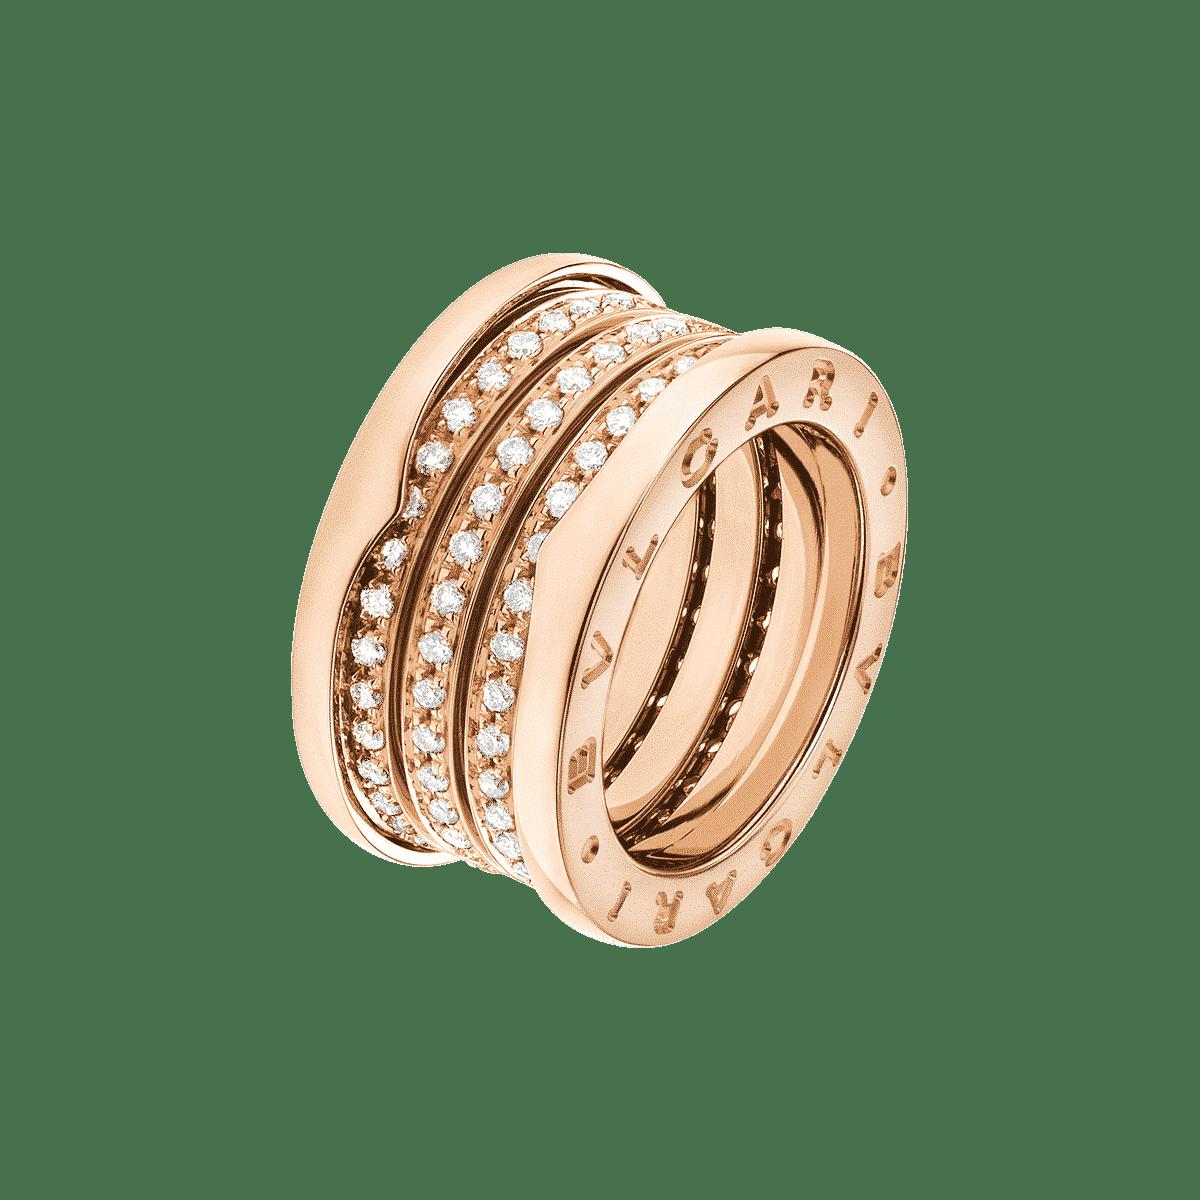 Bulgari B.Zero1 Ring - Lionel Meylan Vevey bd4c89b5203d